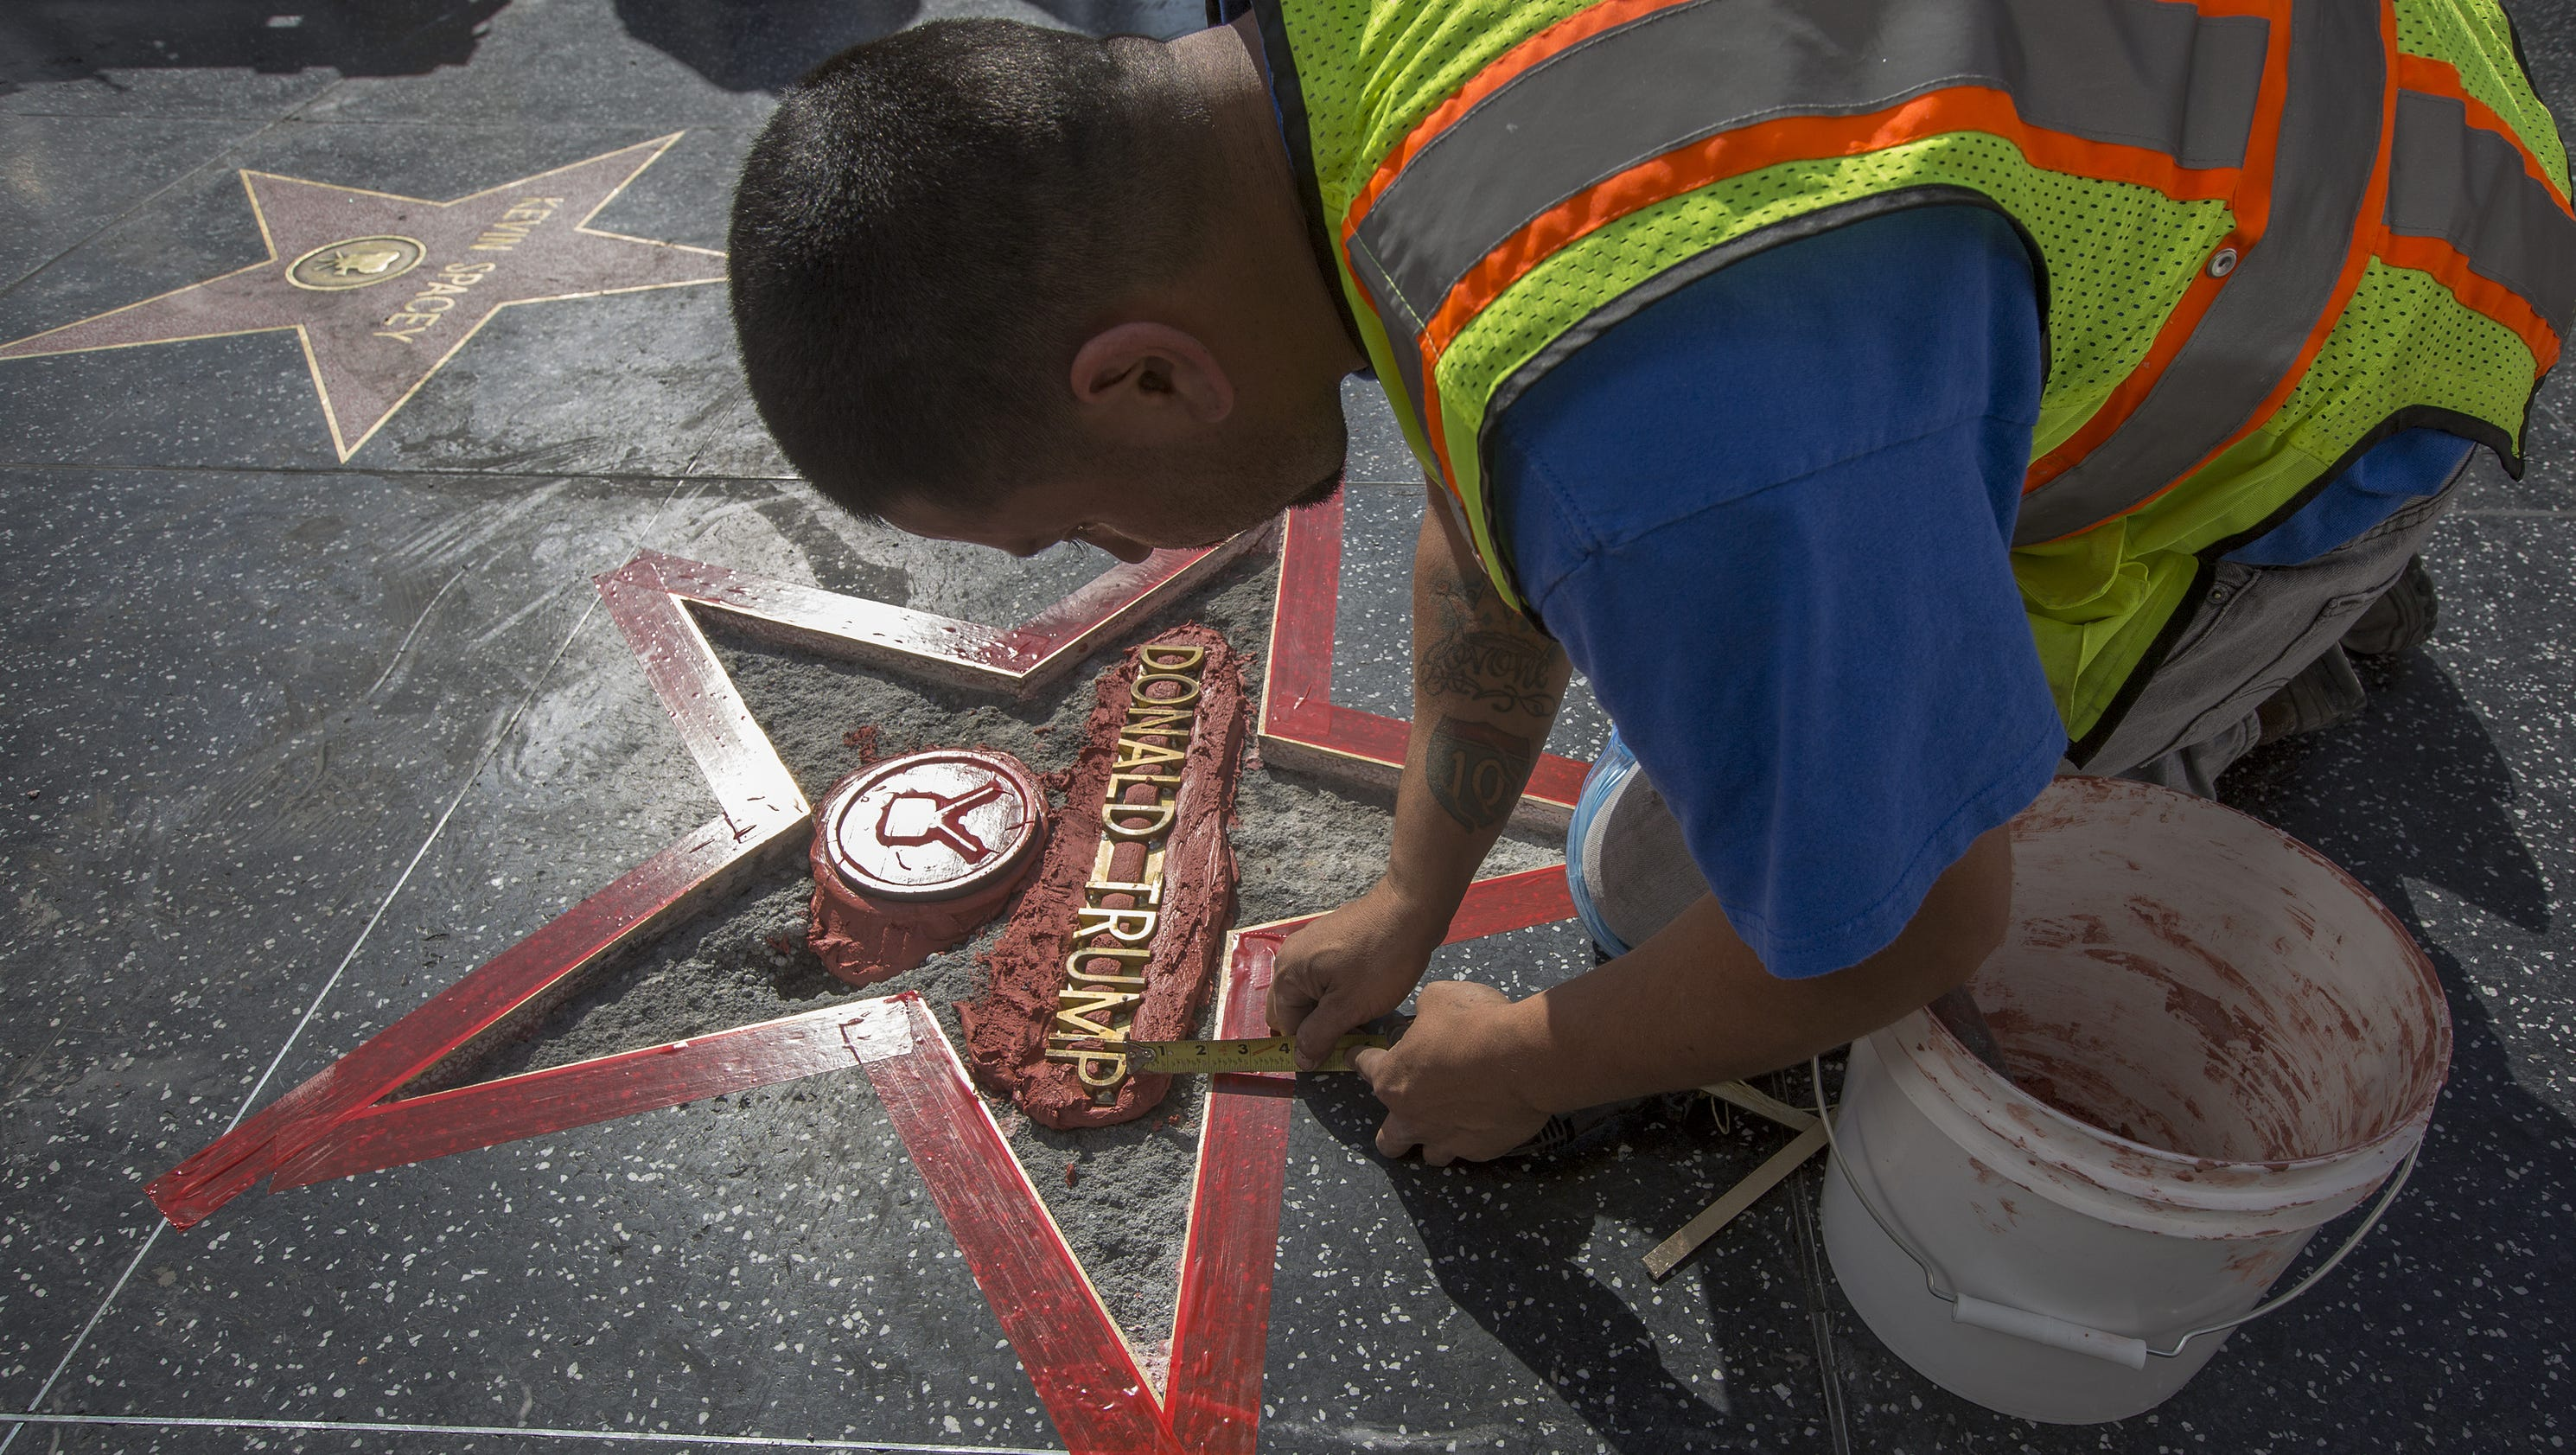 LAPD arrests suspect in Trump Walk of Fame vandalism case